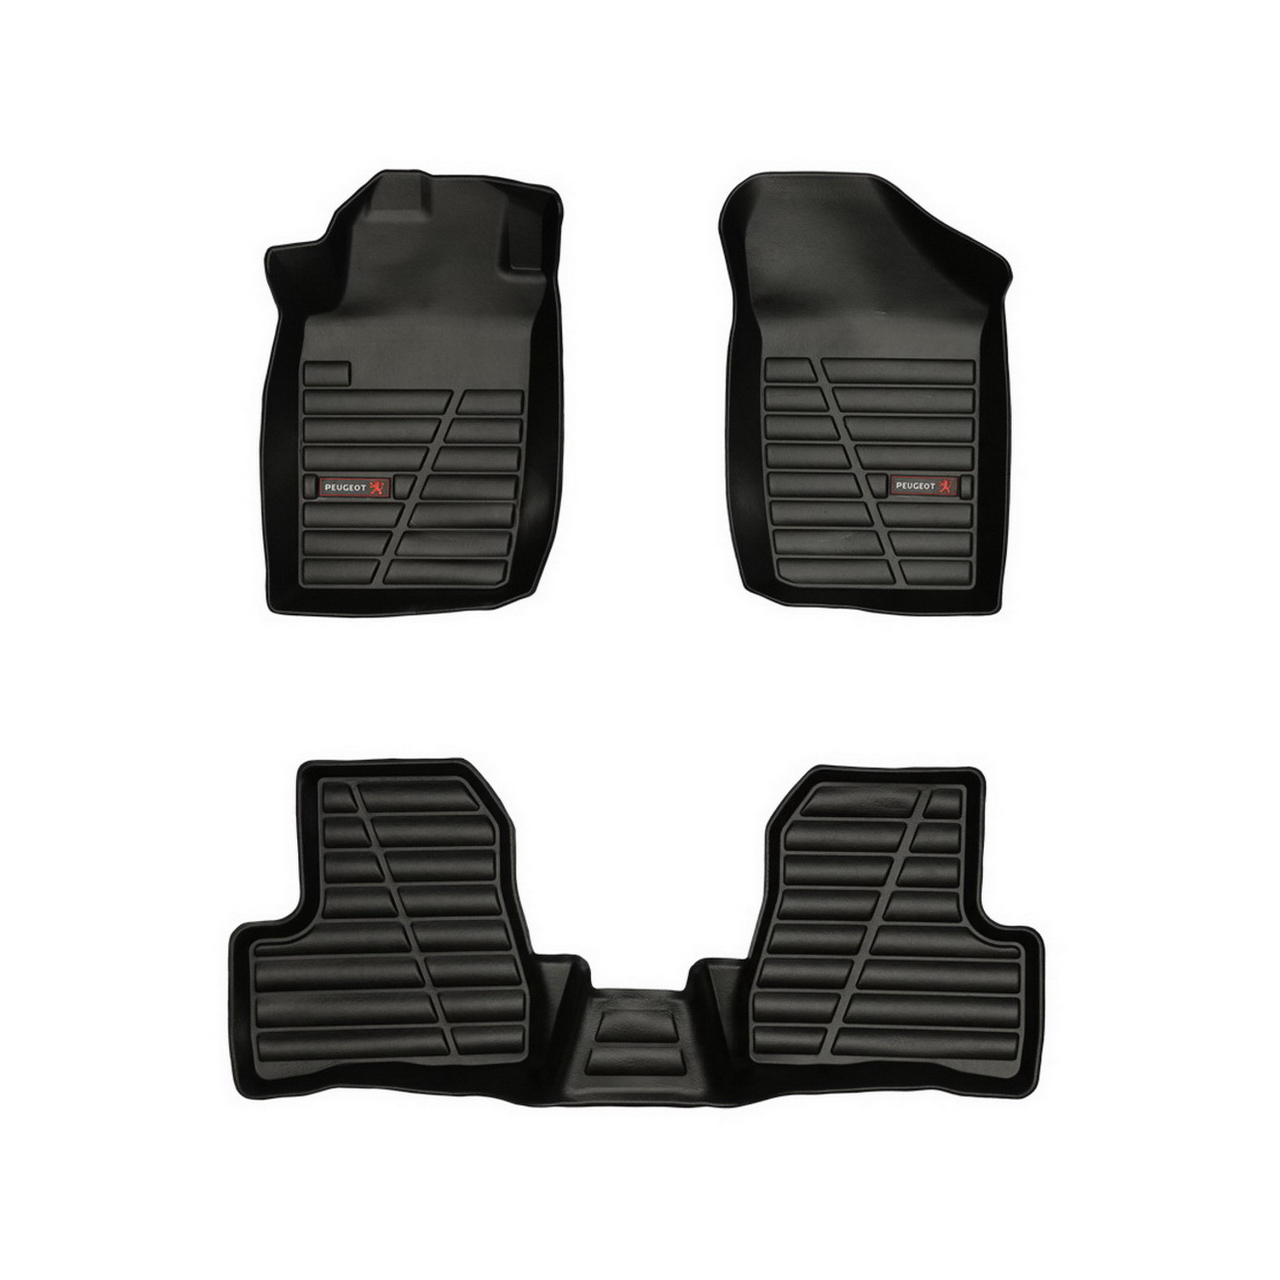 کفپوش سه بعدی خودرو لاستیک گیلان مناسب برای پژو 206